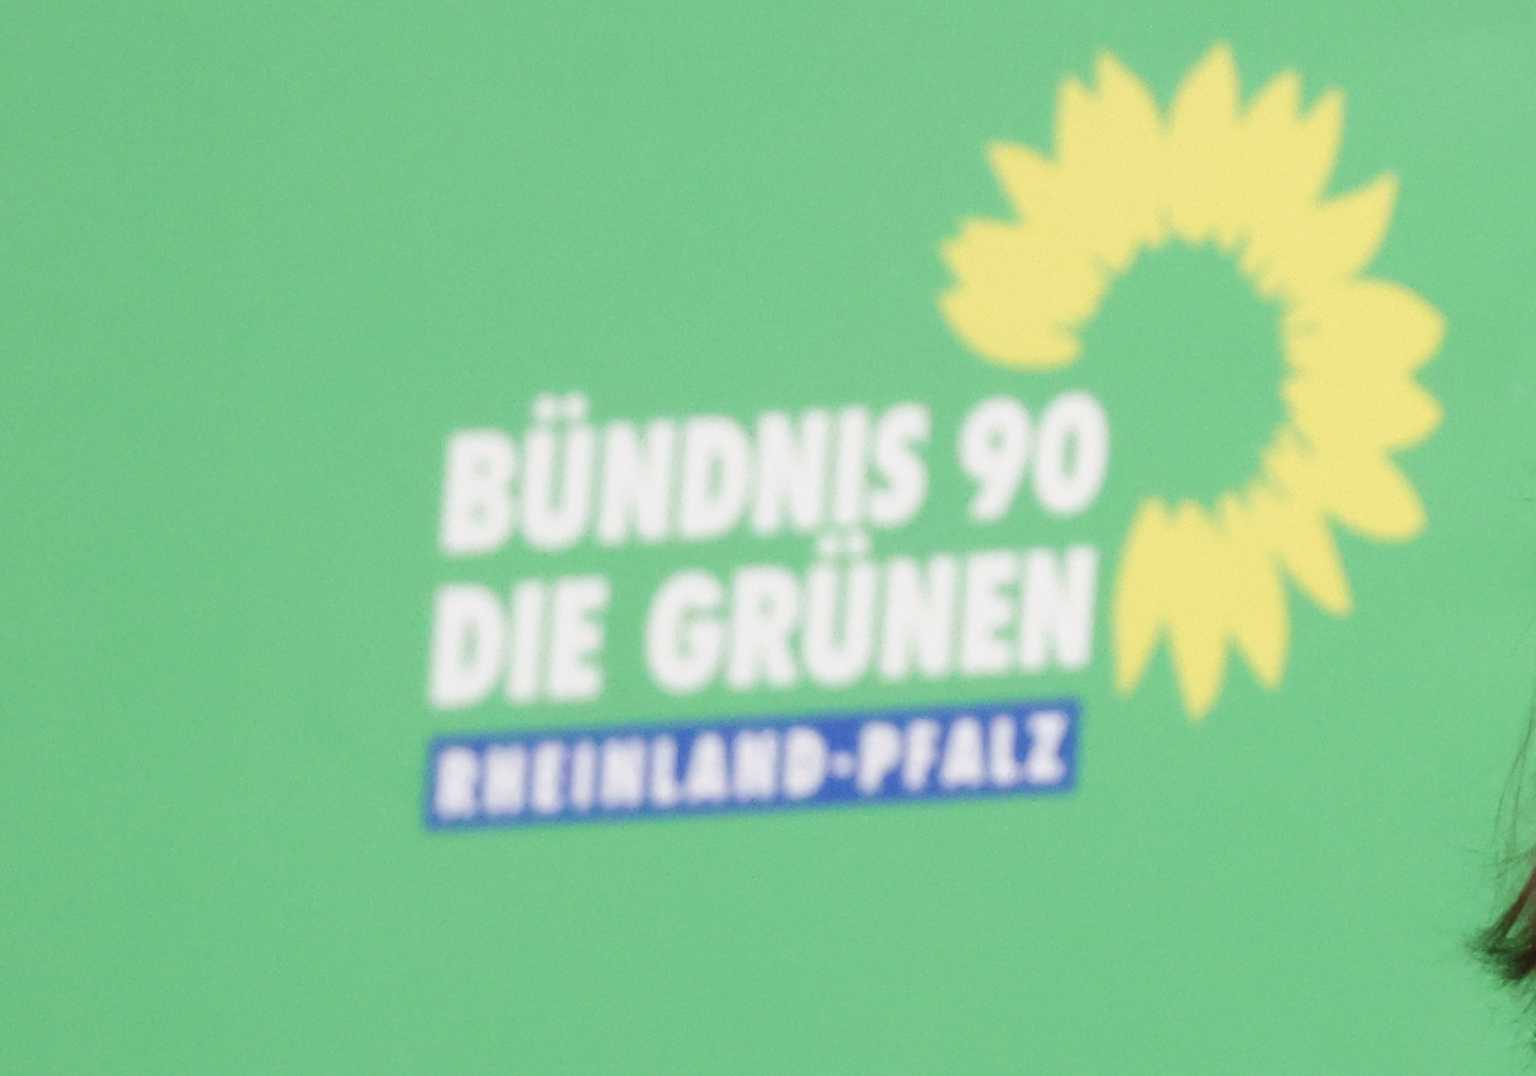 Γερμανία: Πρώτη δύναμη οι Πράσινοι στις δημοσκοπήσεις